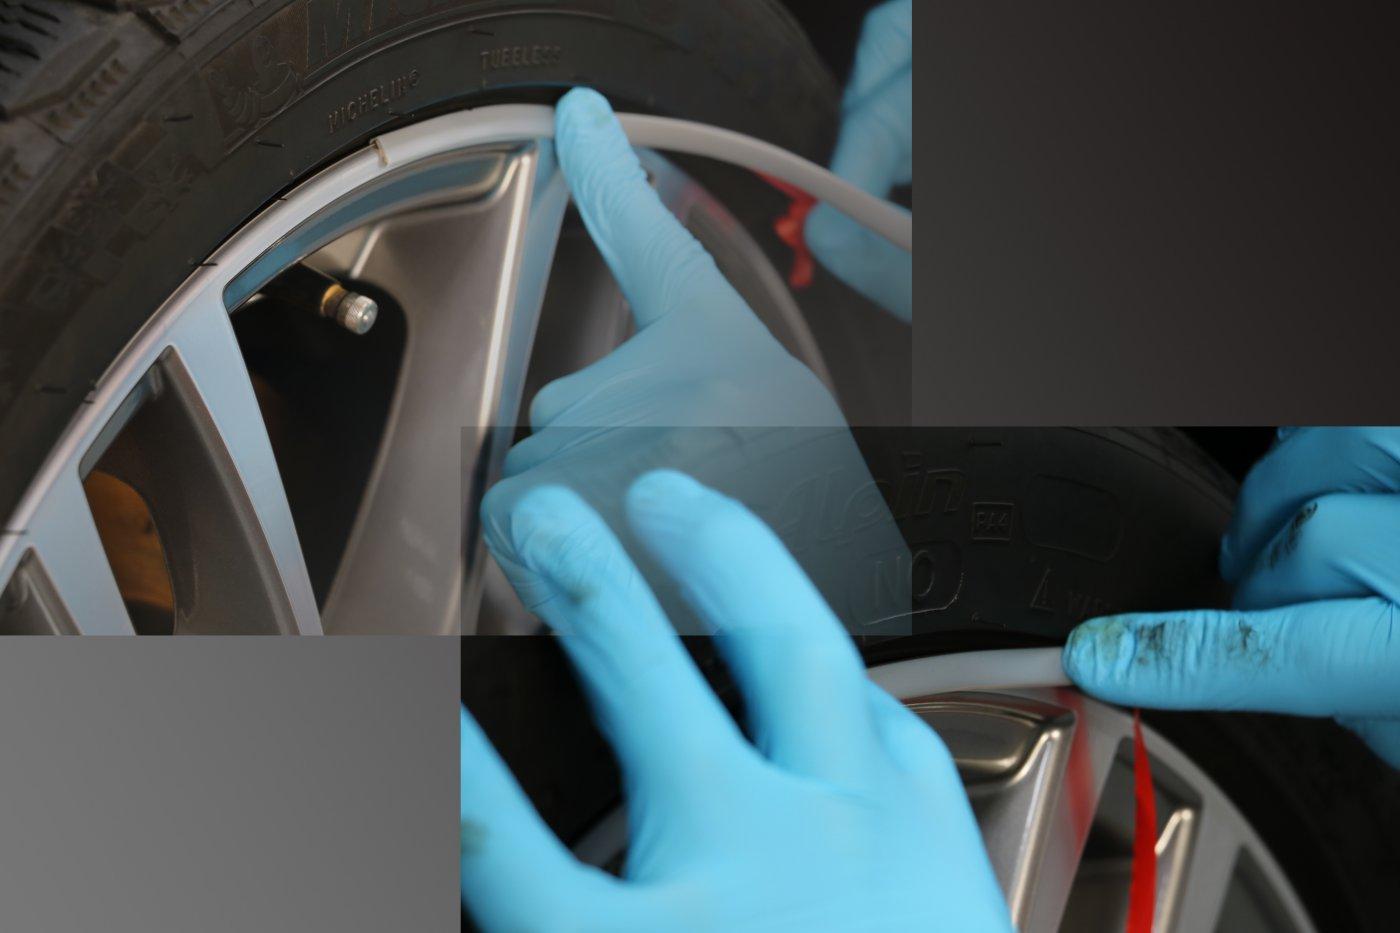 Installatie velgrandbescherming en velgrandstyling